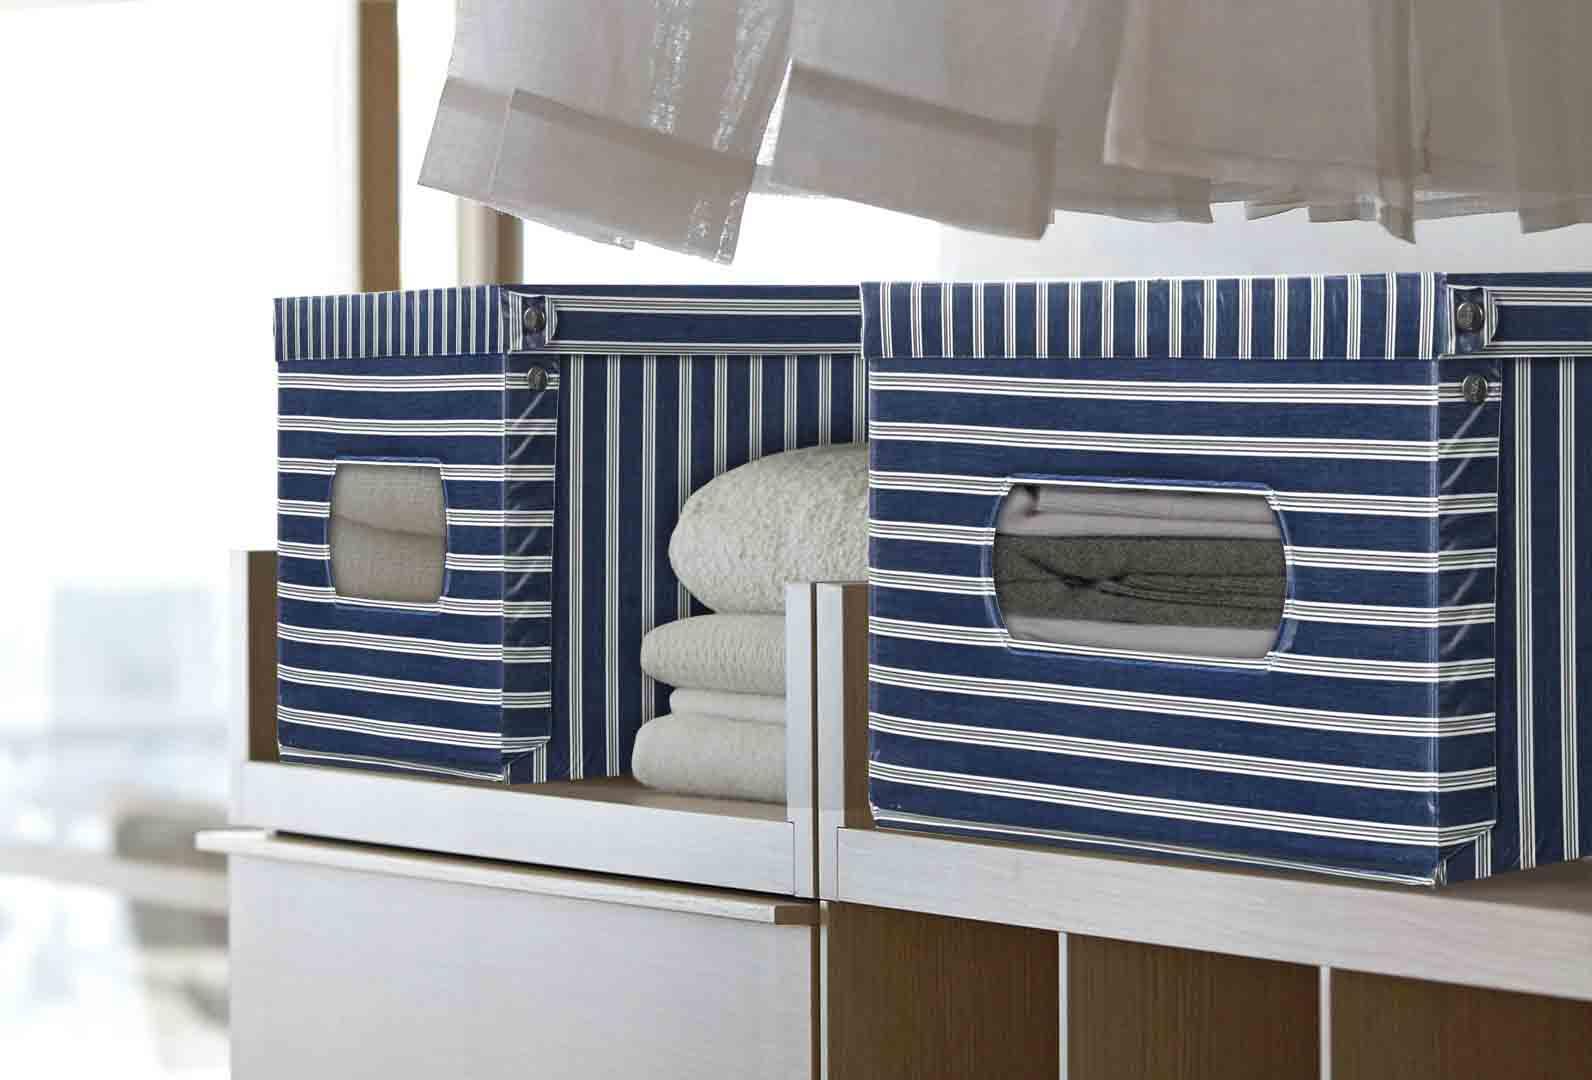 Scatole portaoggetti domopak living giovanni bottigelli spa - Scatole portaoggetti ...